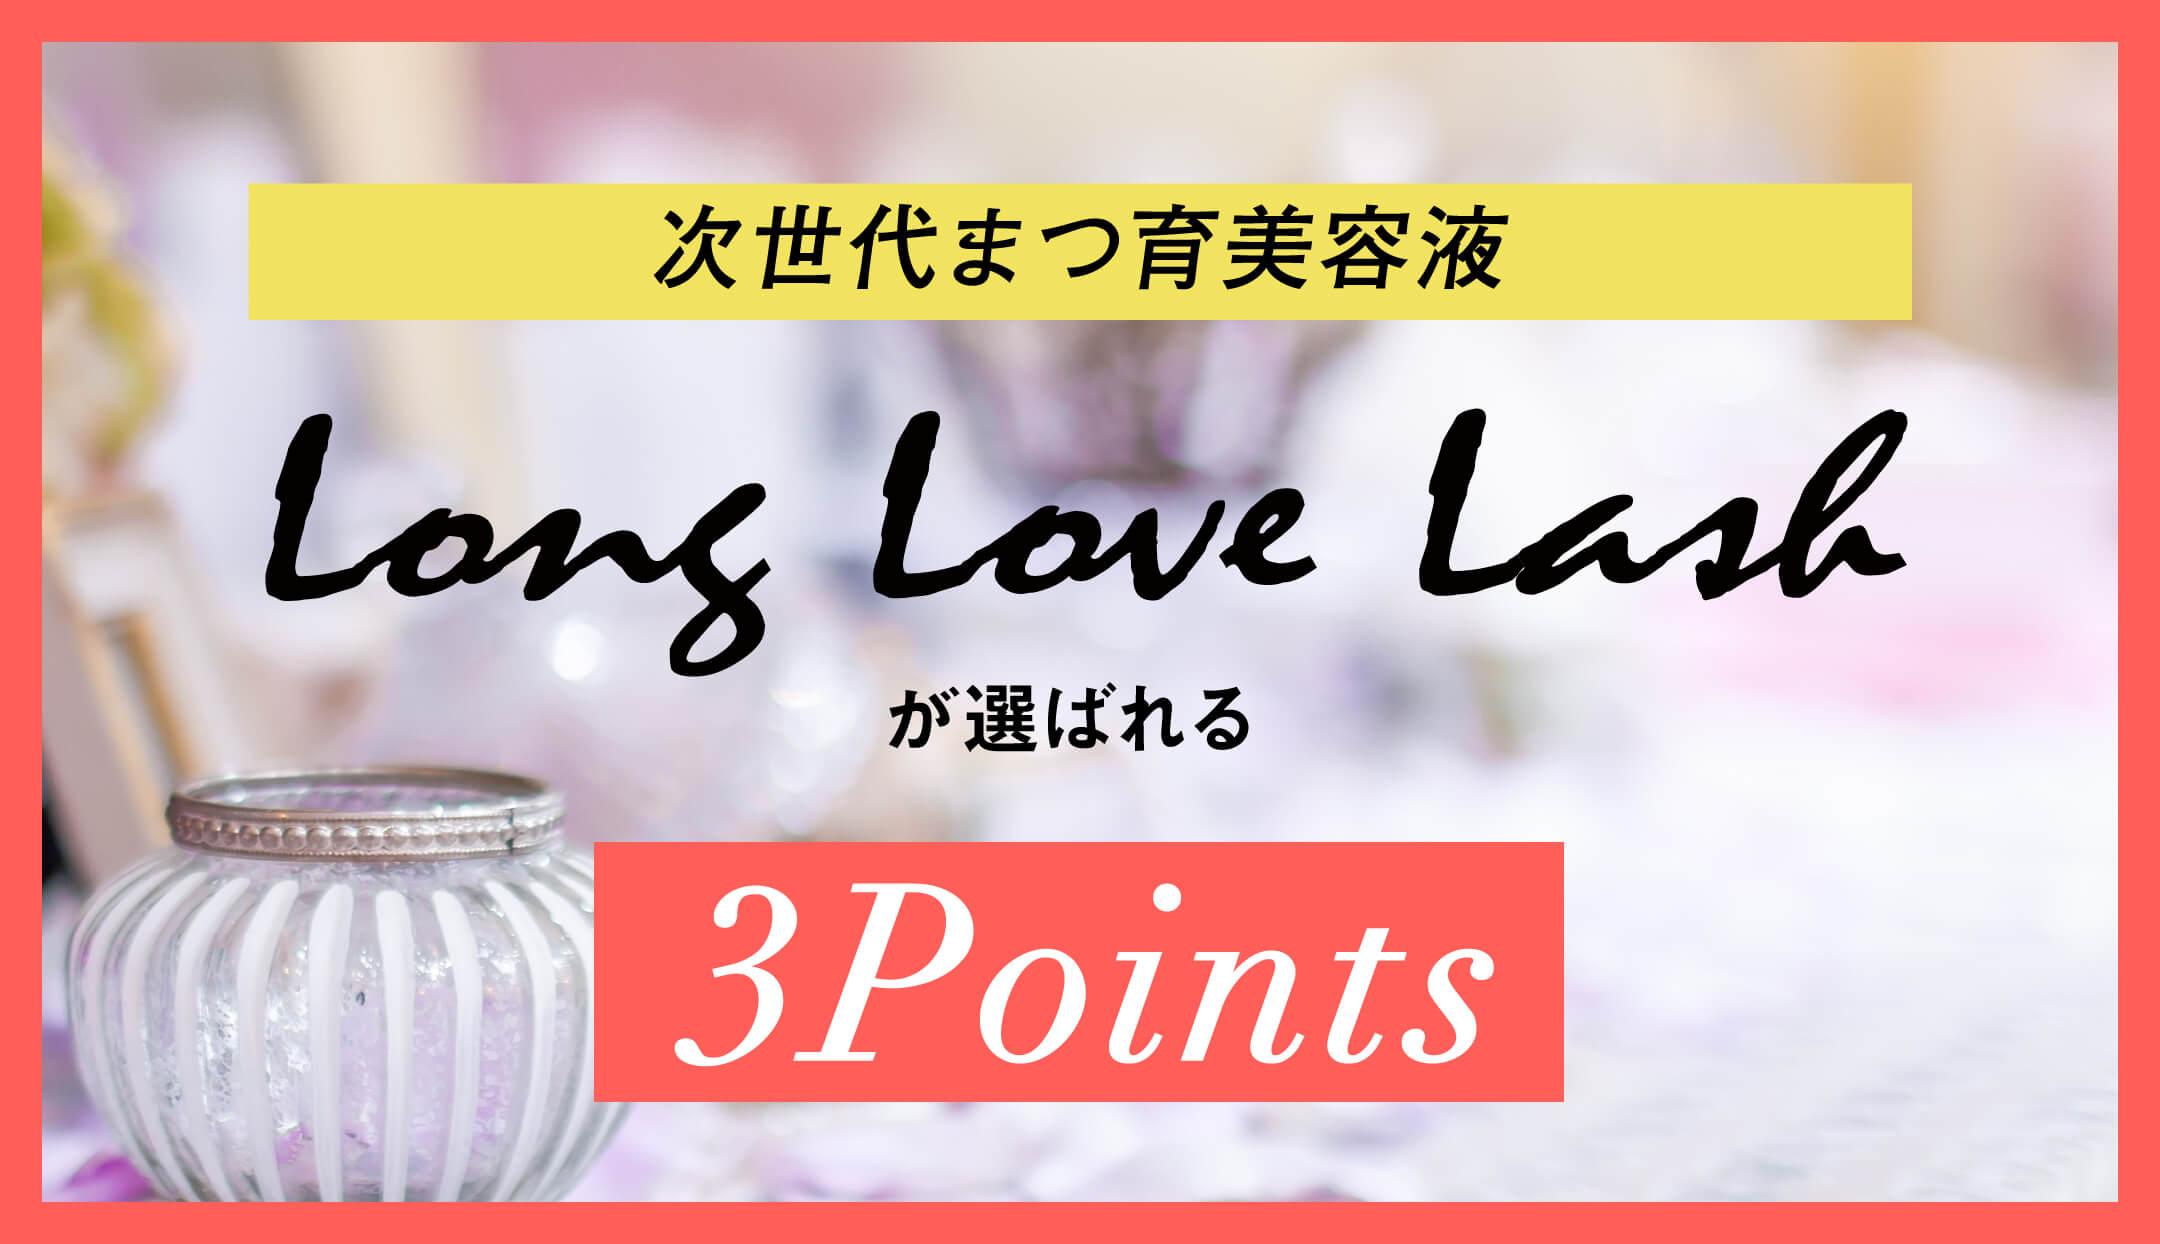 次世代まつ育美容液LongLoveLashが選ばれる3Points